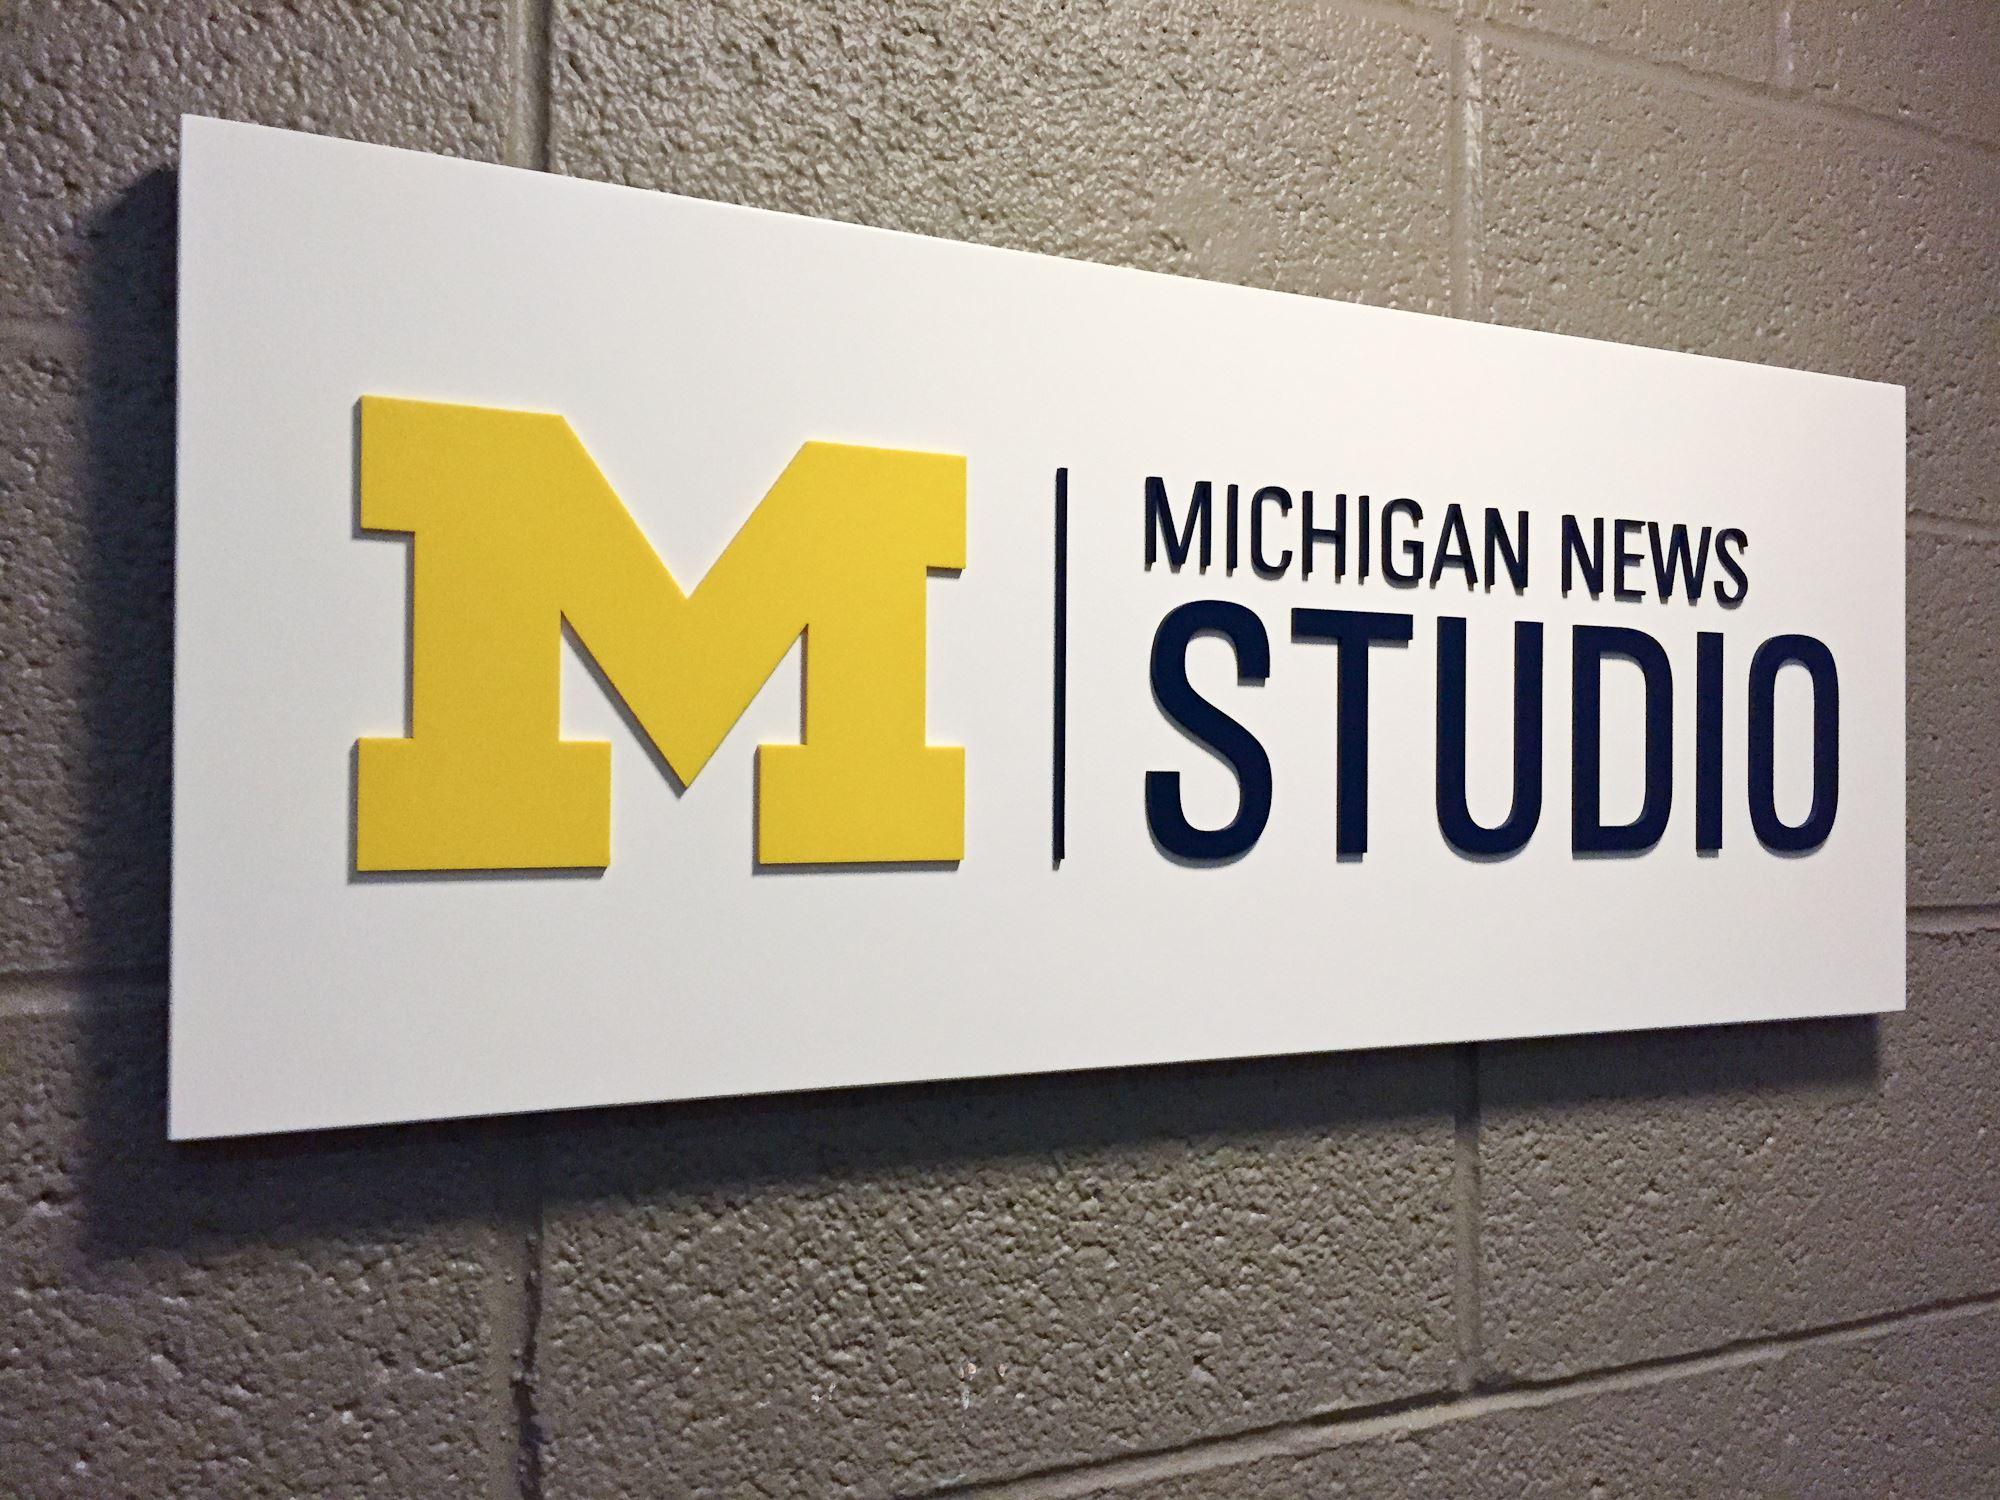 MichiganNewsStudioImage